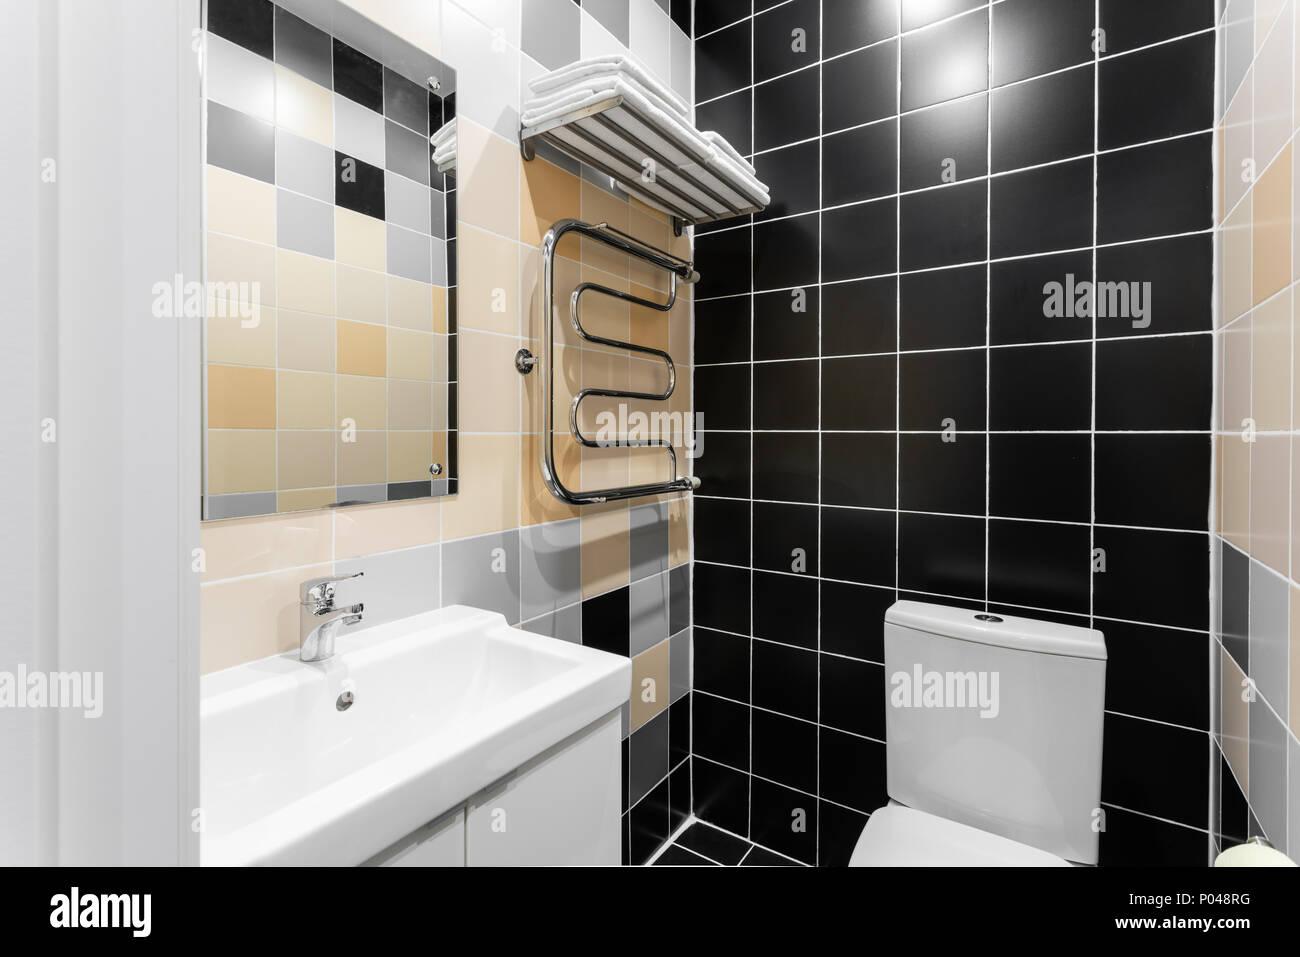 Badezimmer mit Dusche, Toilette und Waschbecken. Hotel ...